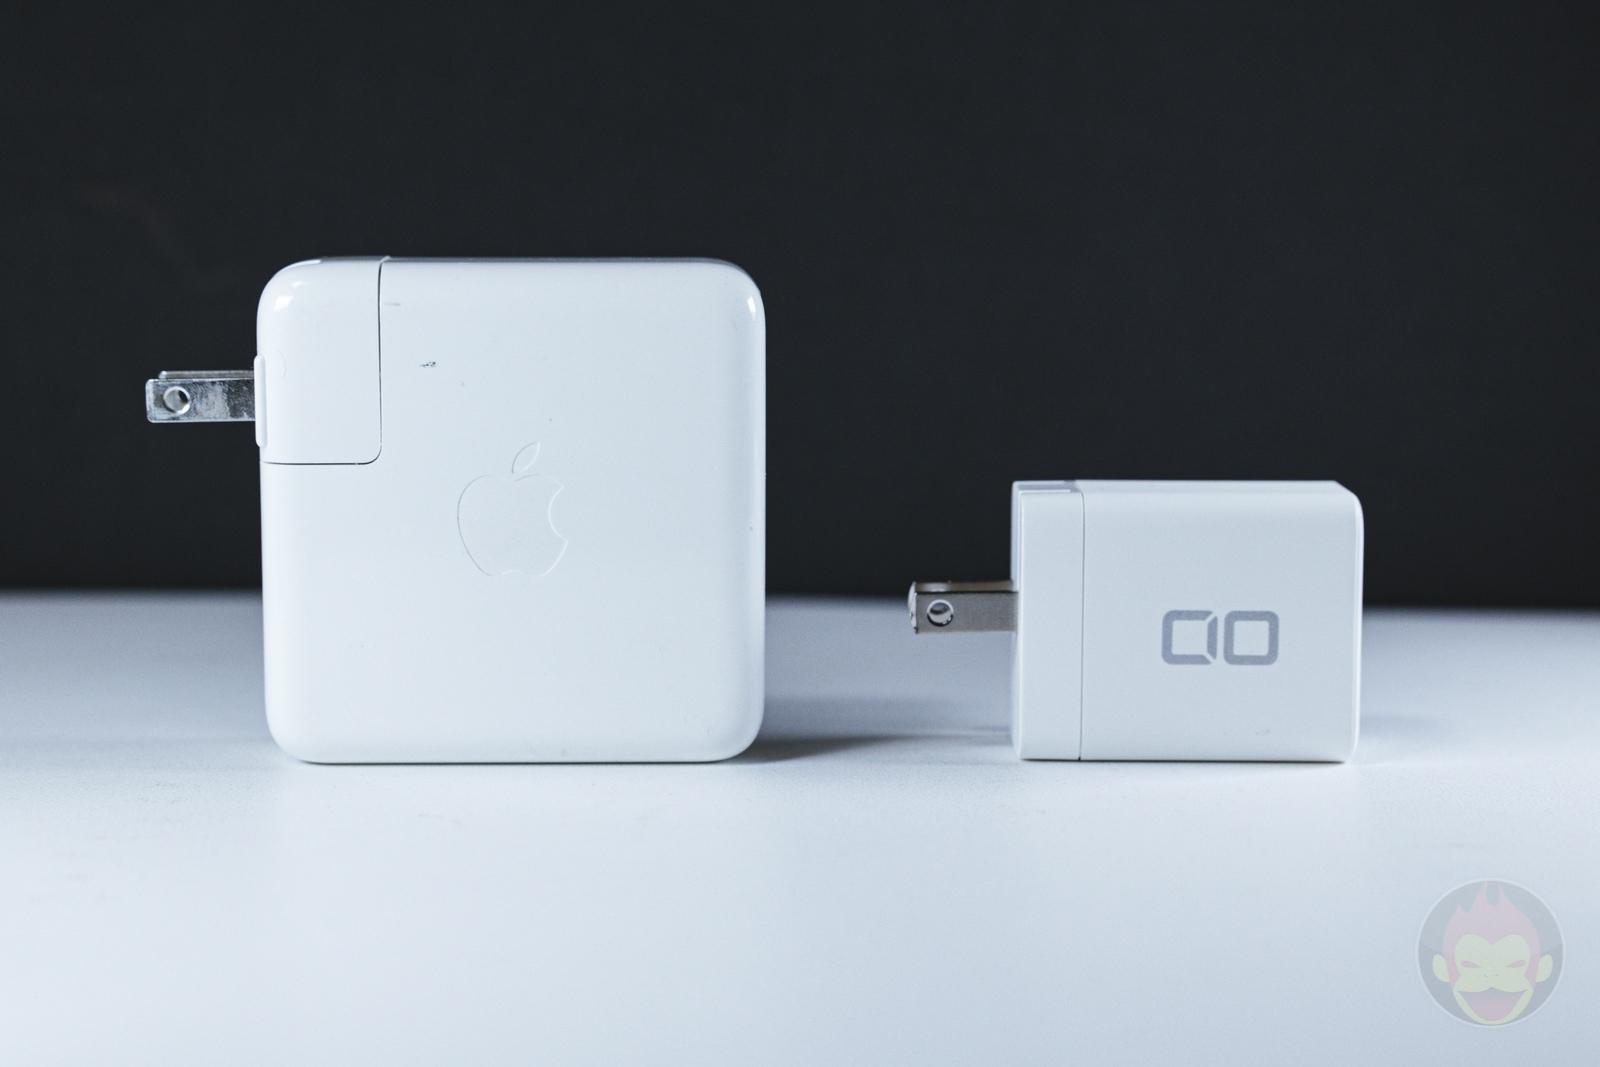 Apple純正の61W充電器(左)とサイズ比較